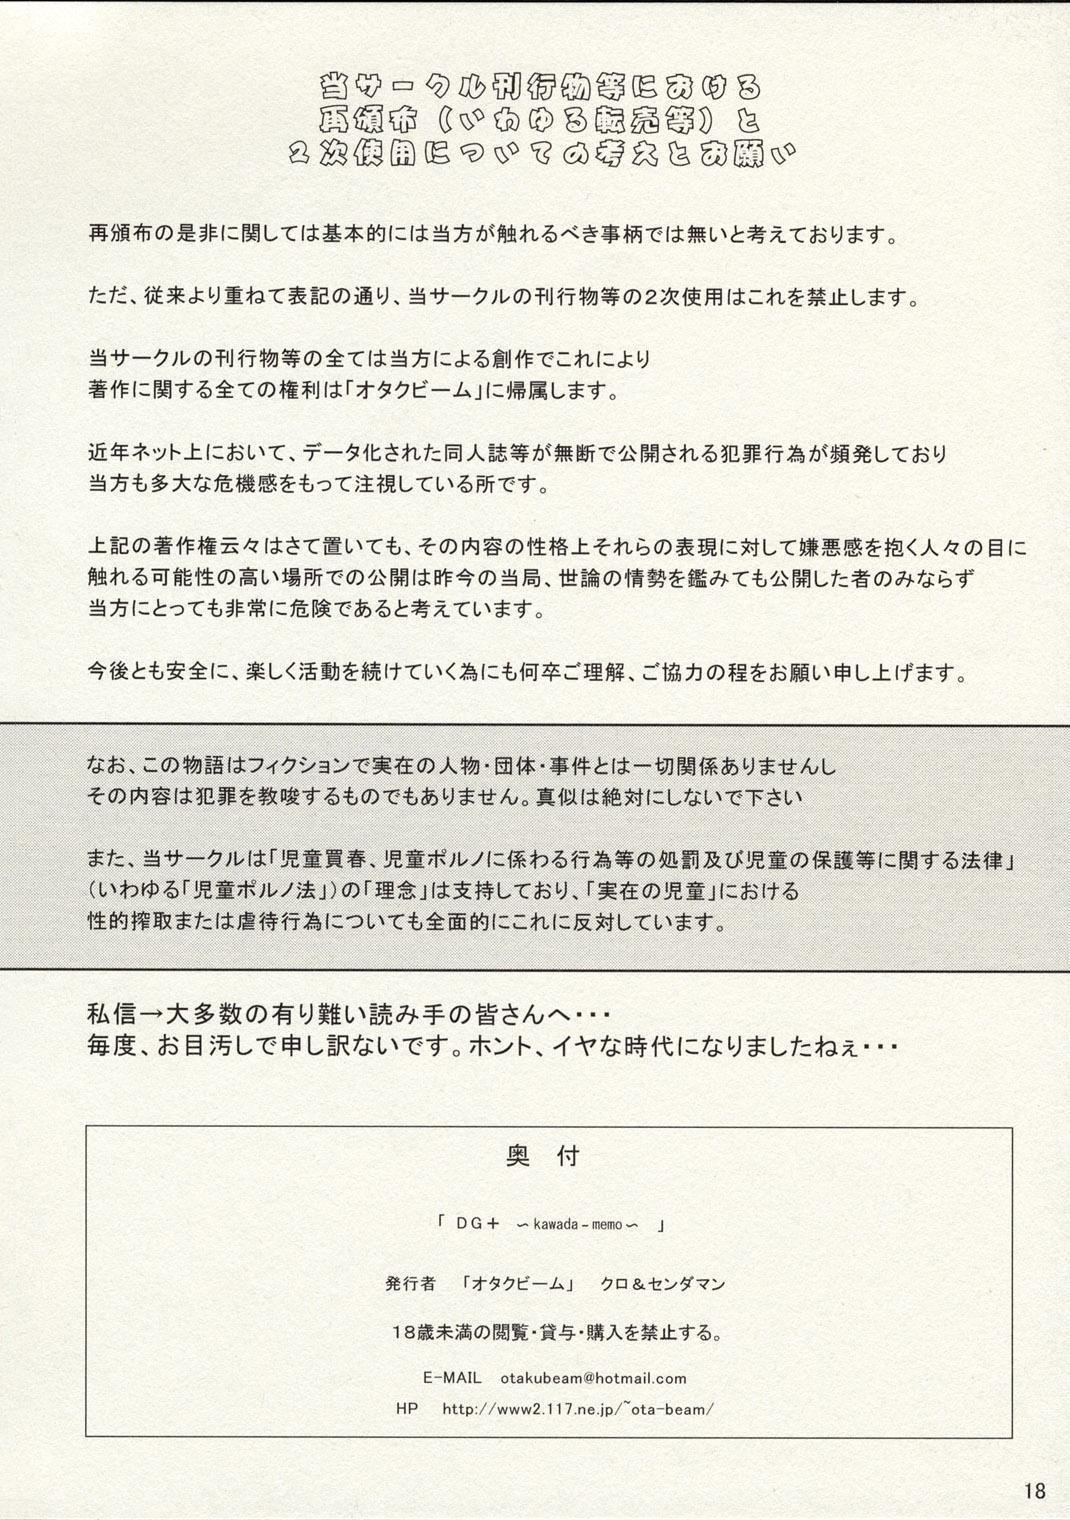 DG+ Kawada Memo 10